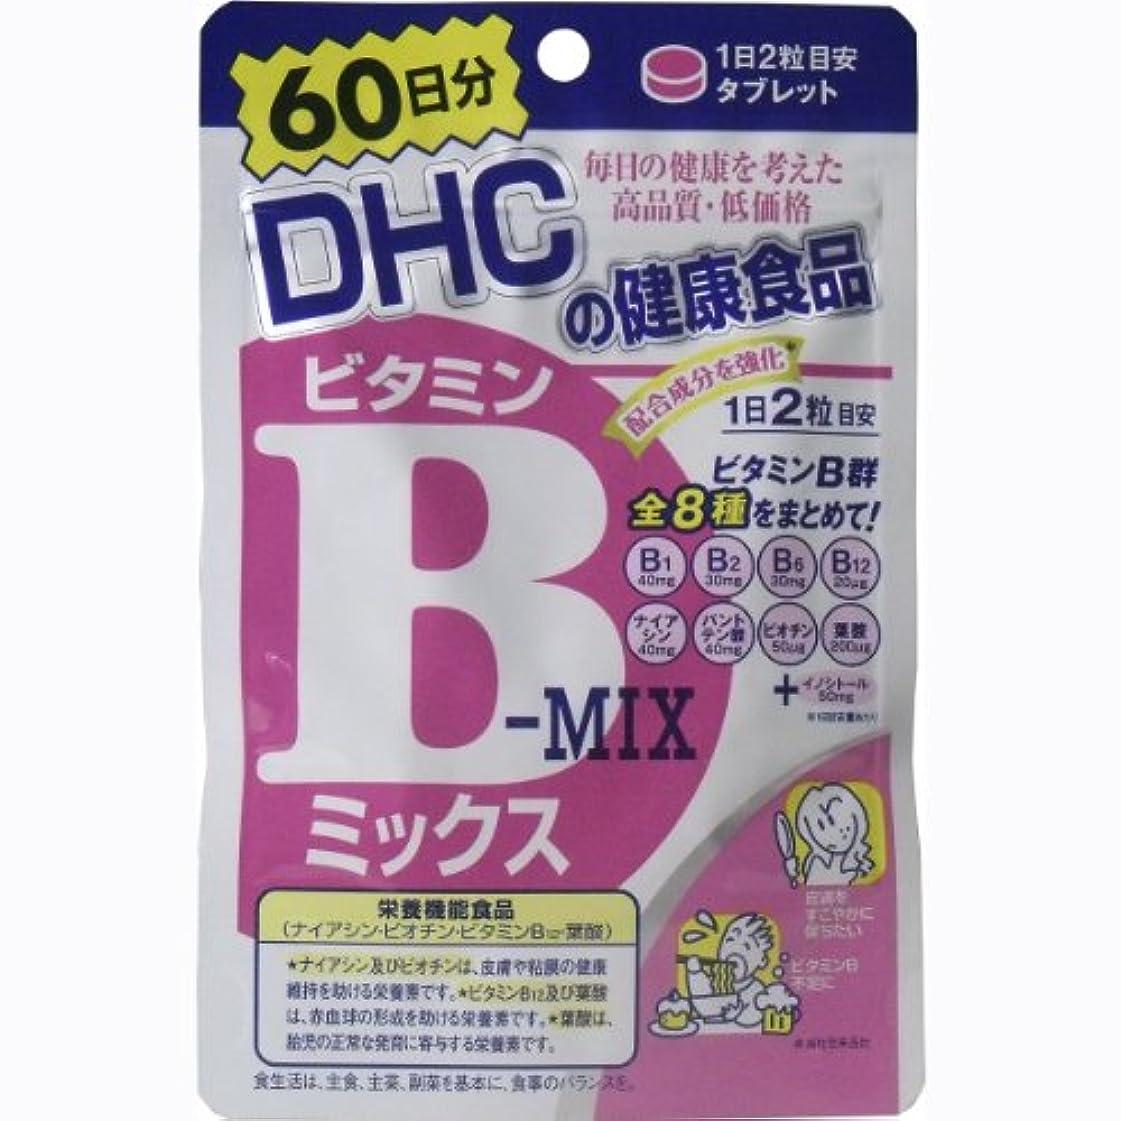 ソビエトバナー畝間DHC ビタミンBミックス 60日分 120粒 ×6個セット